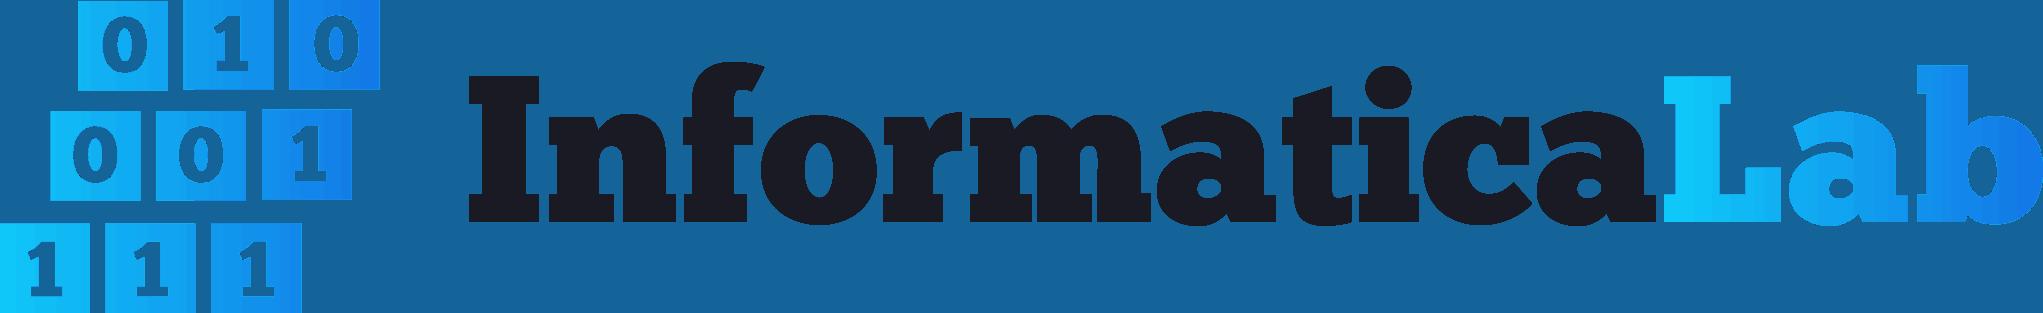 InformaticaLab